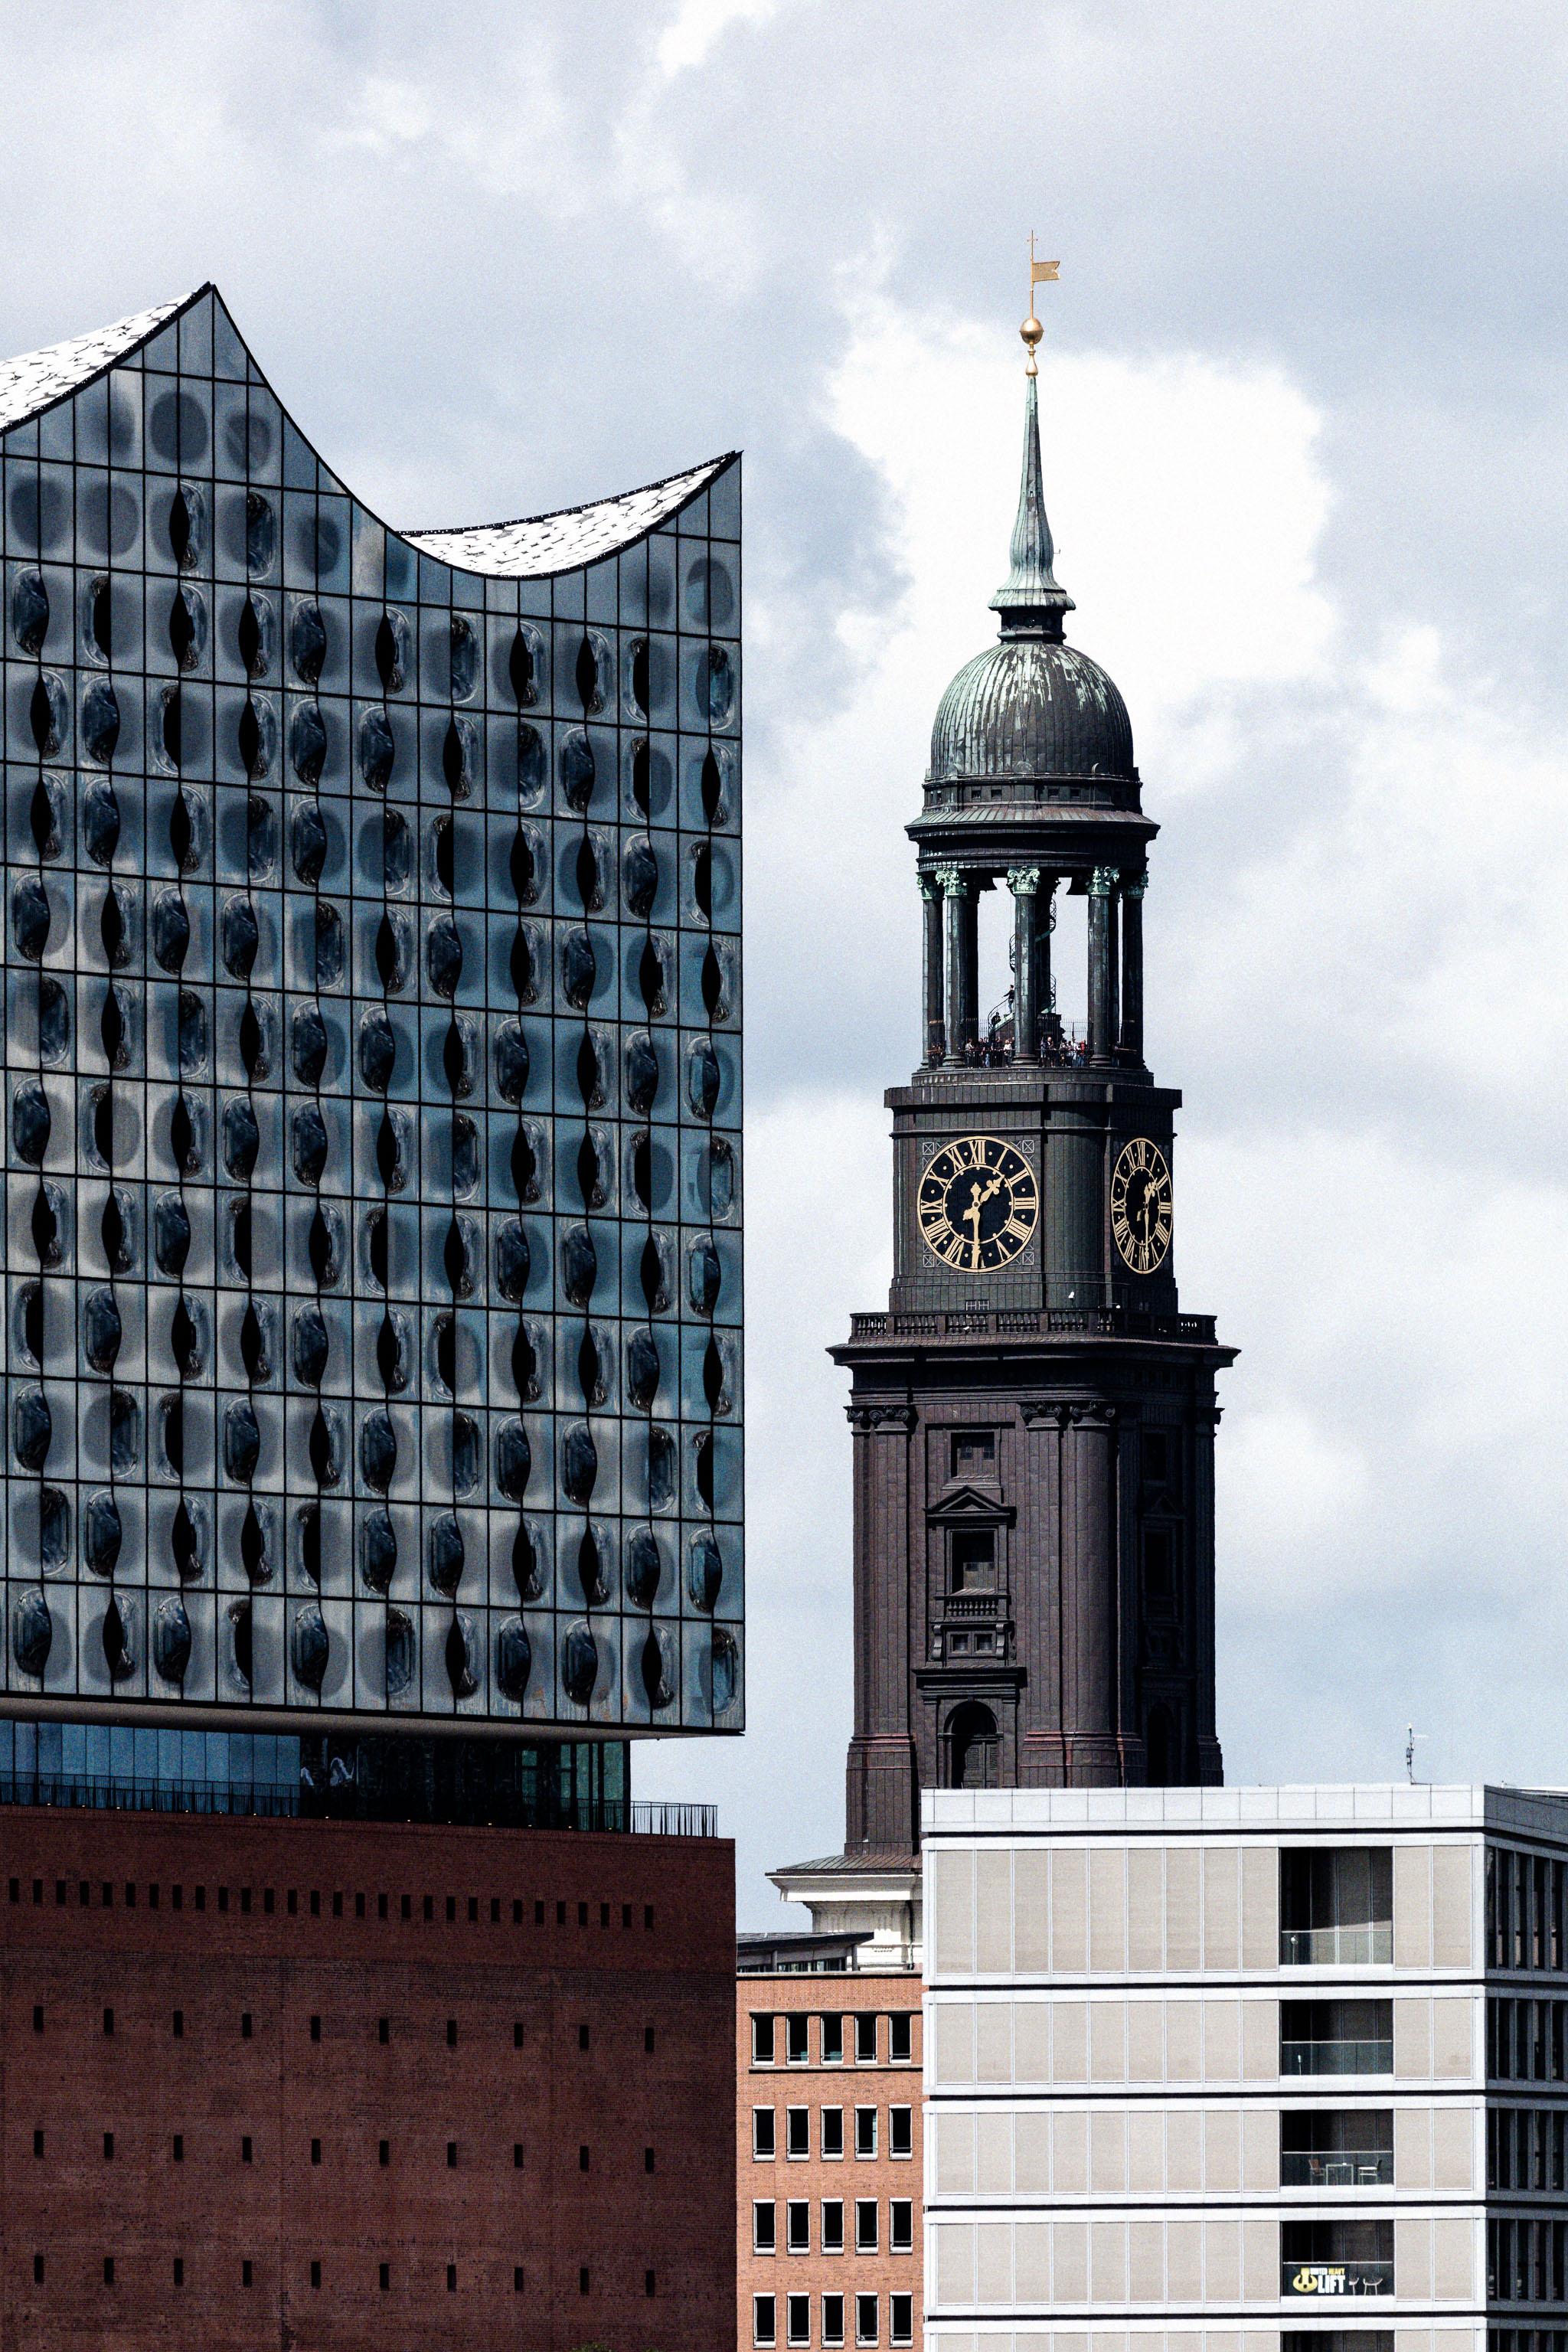 Sven-Michael---T-2016--1-[Hamburg]---©-Sven-Michael-Golimowski.jpg